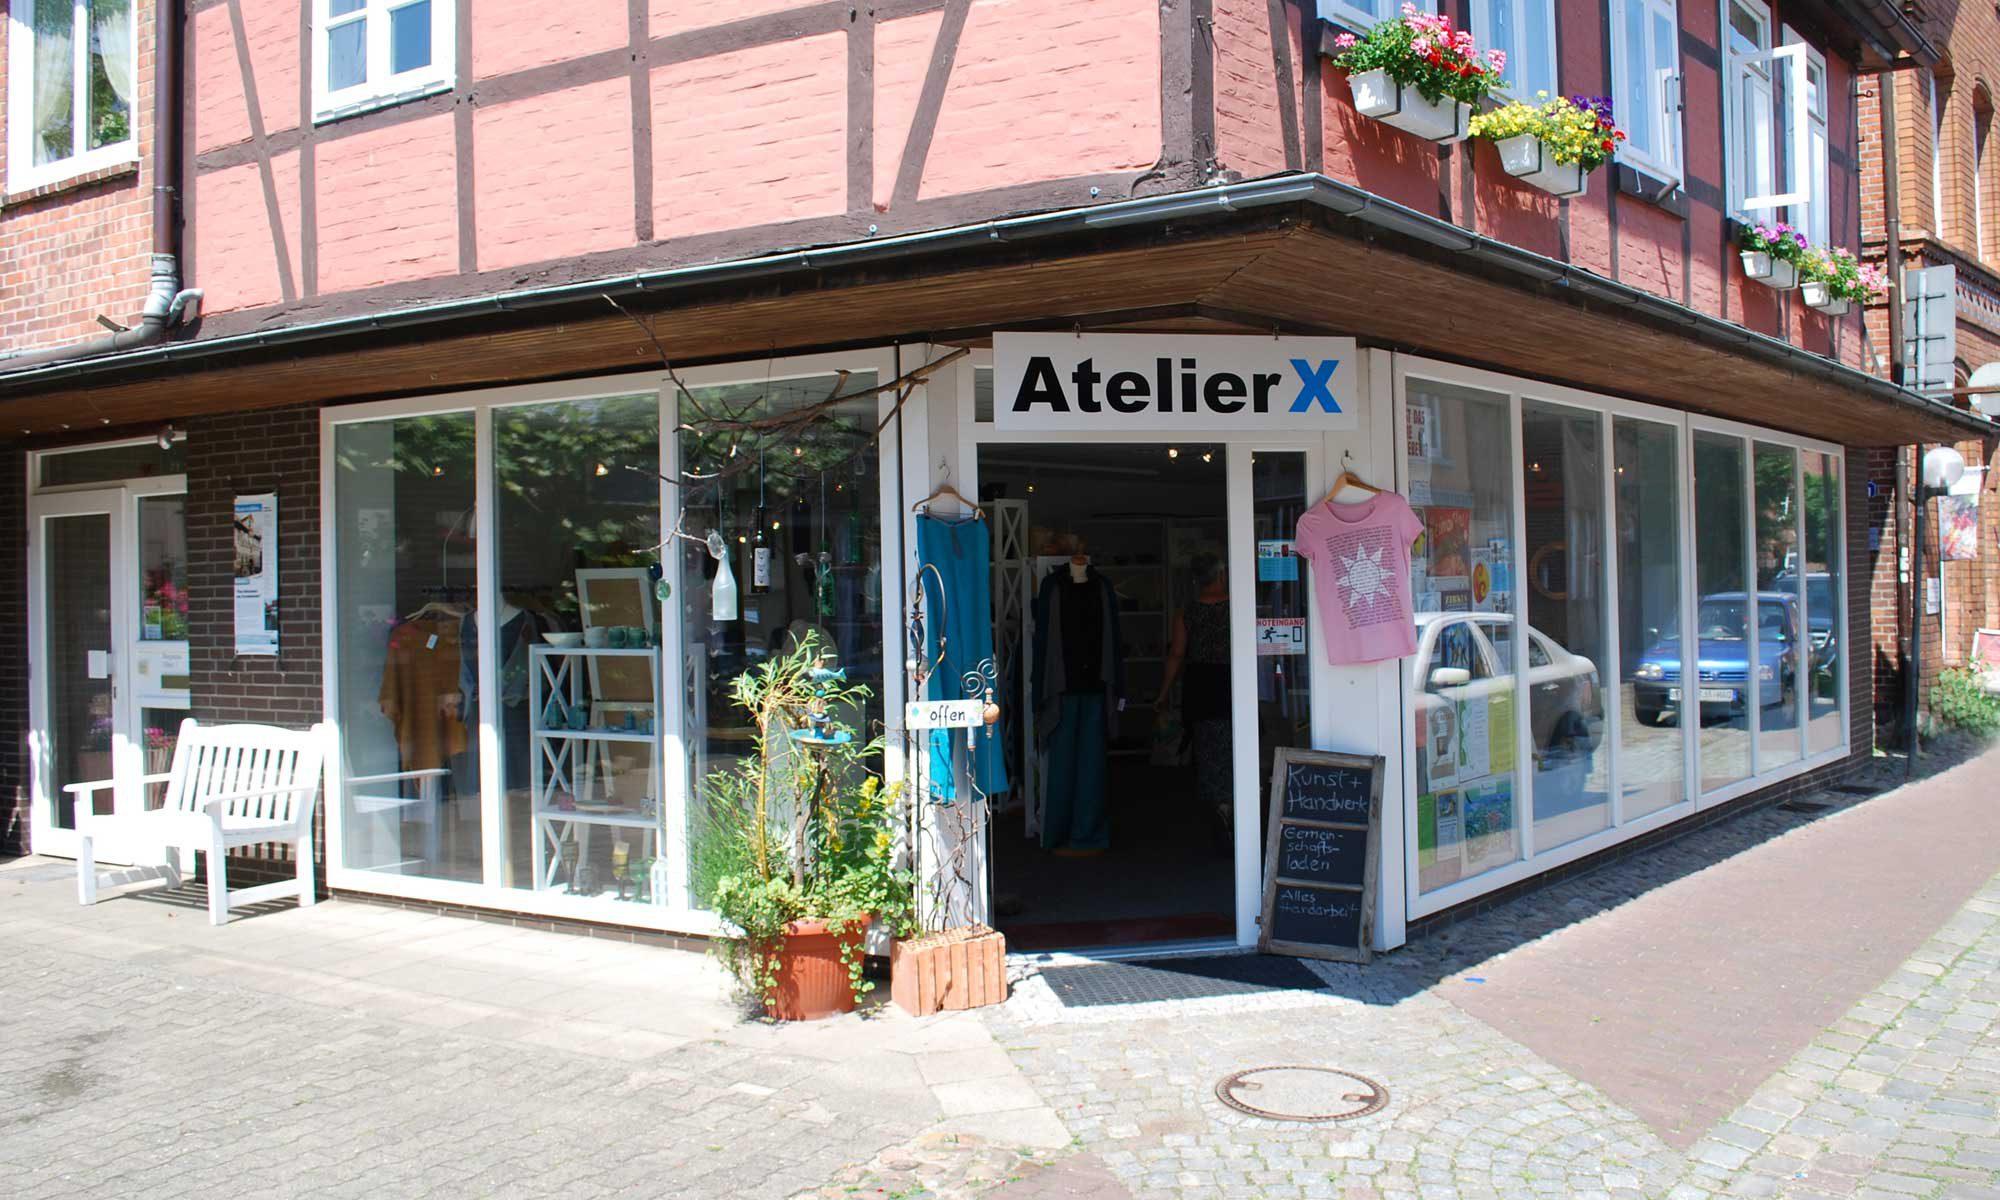 Atelier X